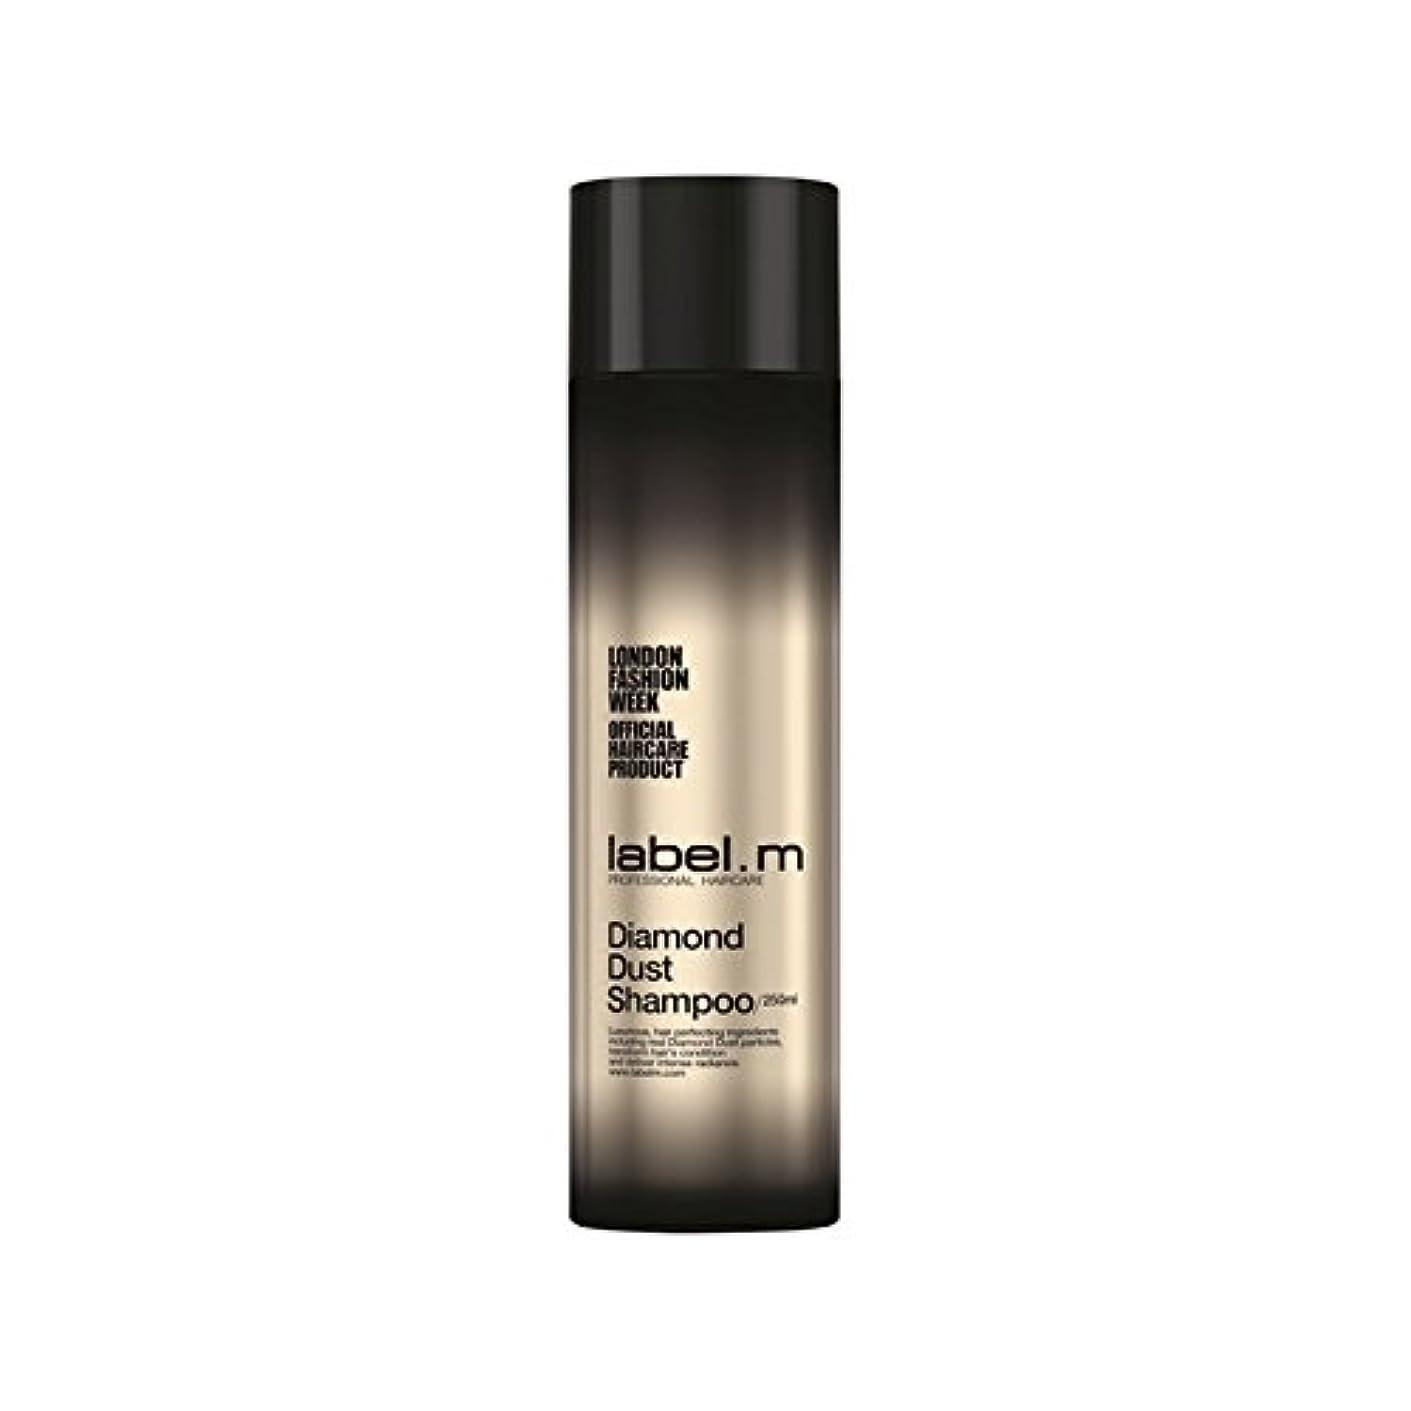 オンス折り目コミュニケーション.ダイヤモンドダストシャンプー(250ミリリットル) x4 - Label.M Diamond Dust Shampoo (250ml) (Pack of 4) [並行輸入品]